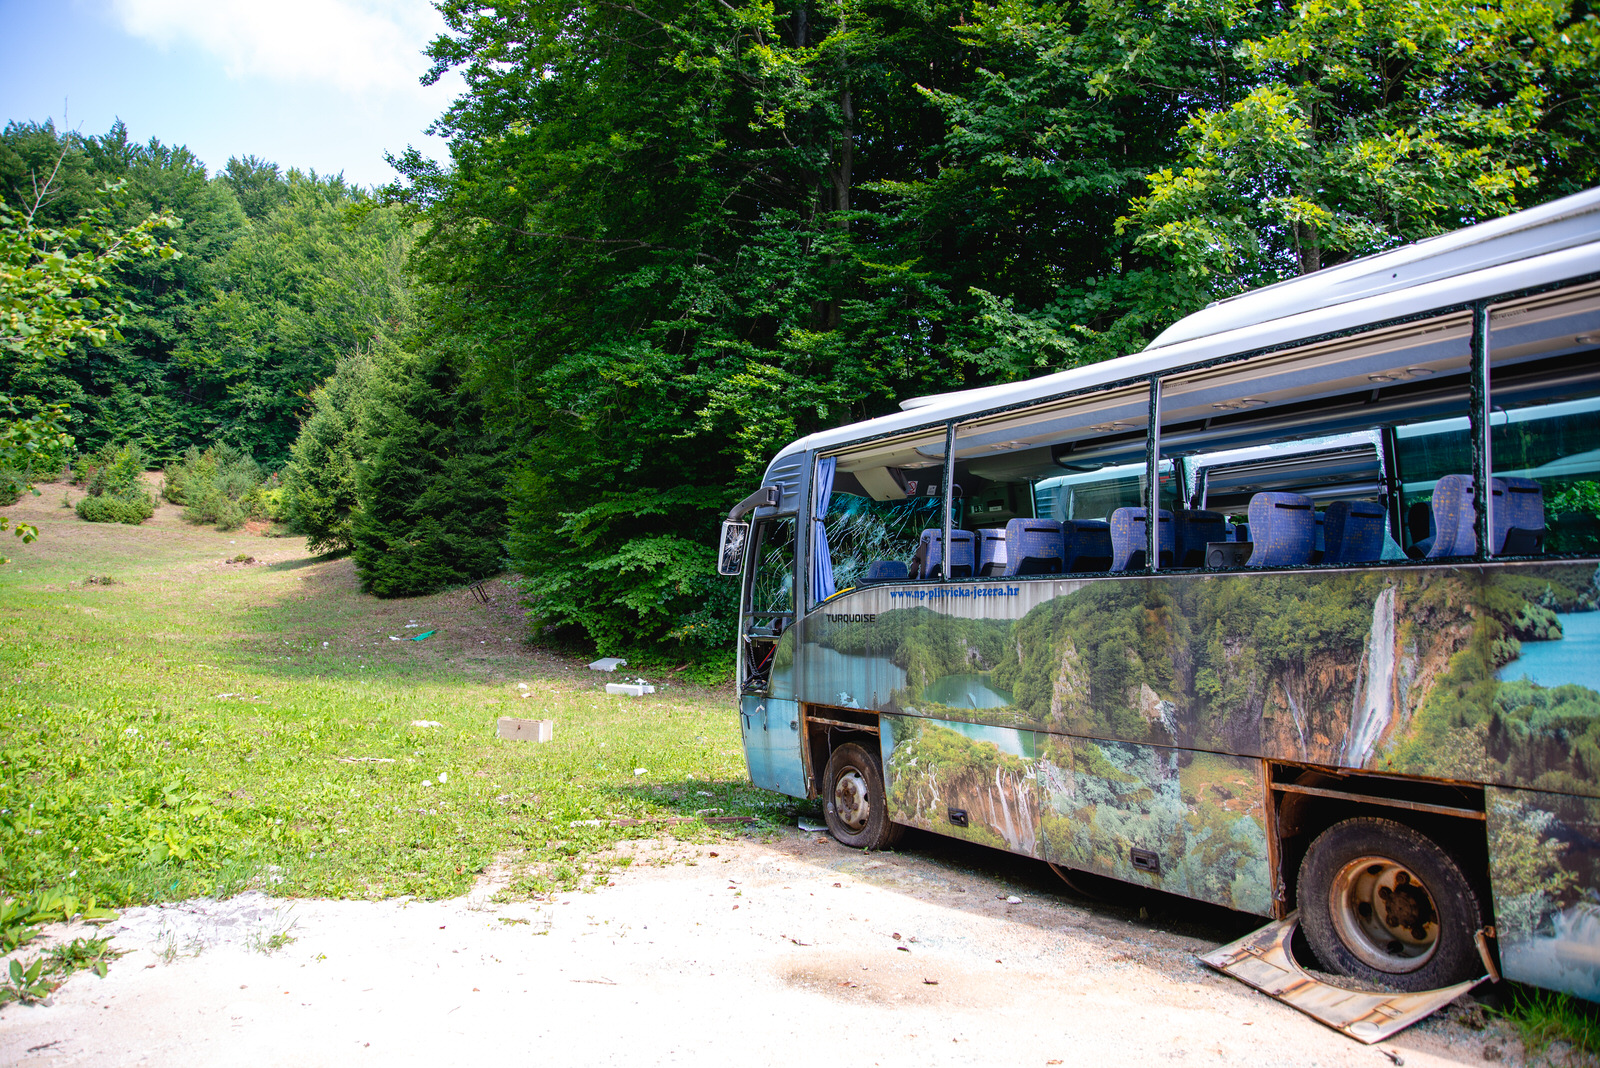 likaclub_autobusi plitvička jezera u mukinjama_11_8_2020 (16)